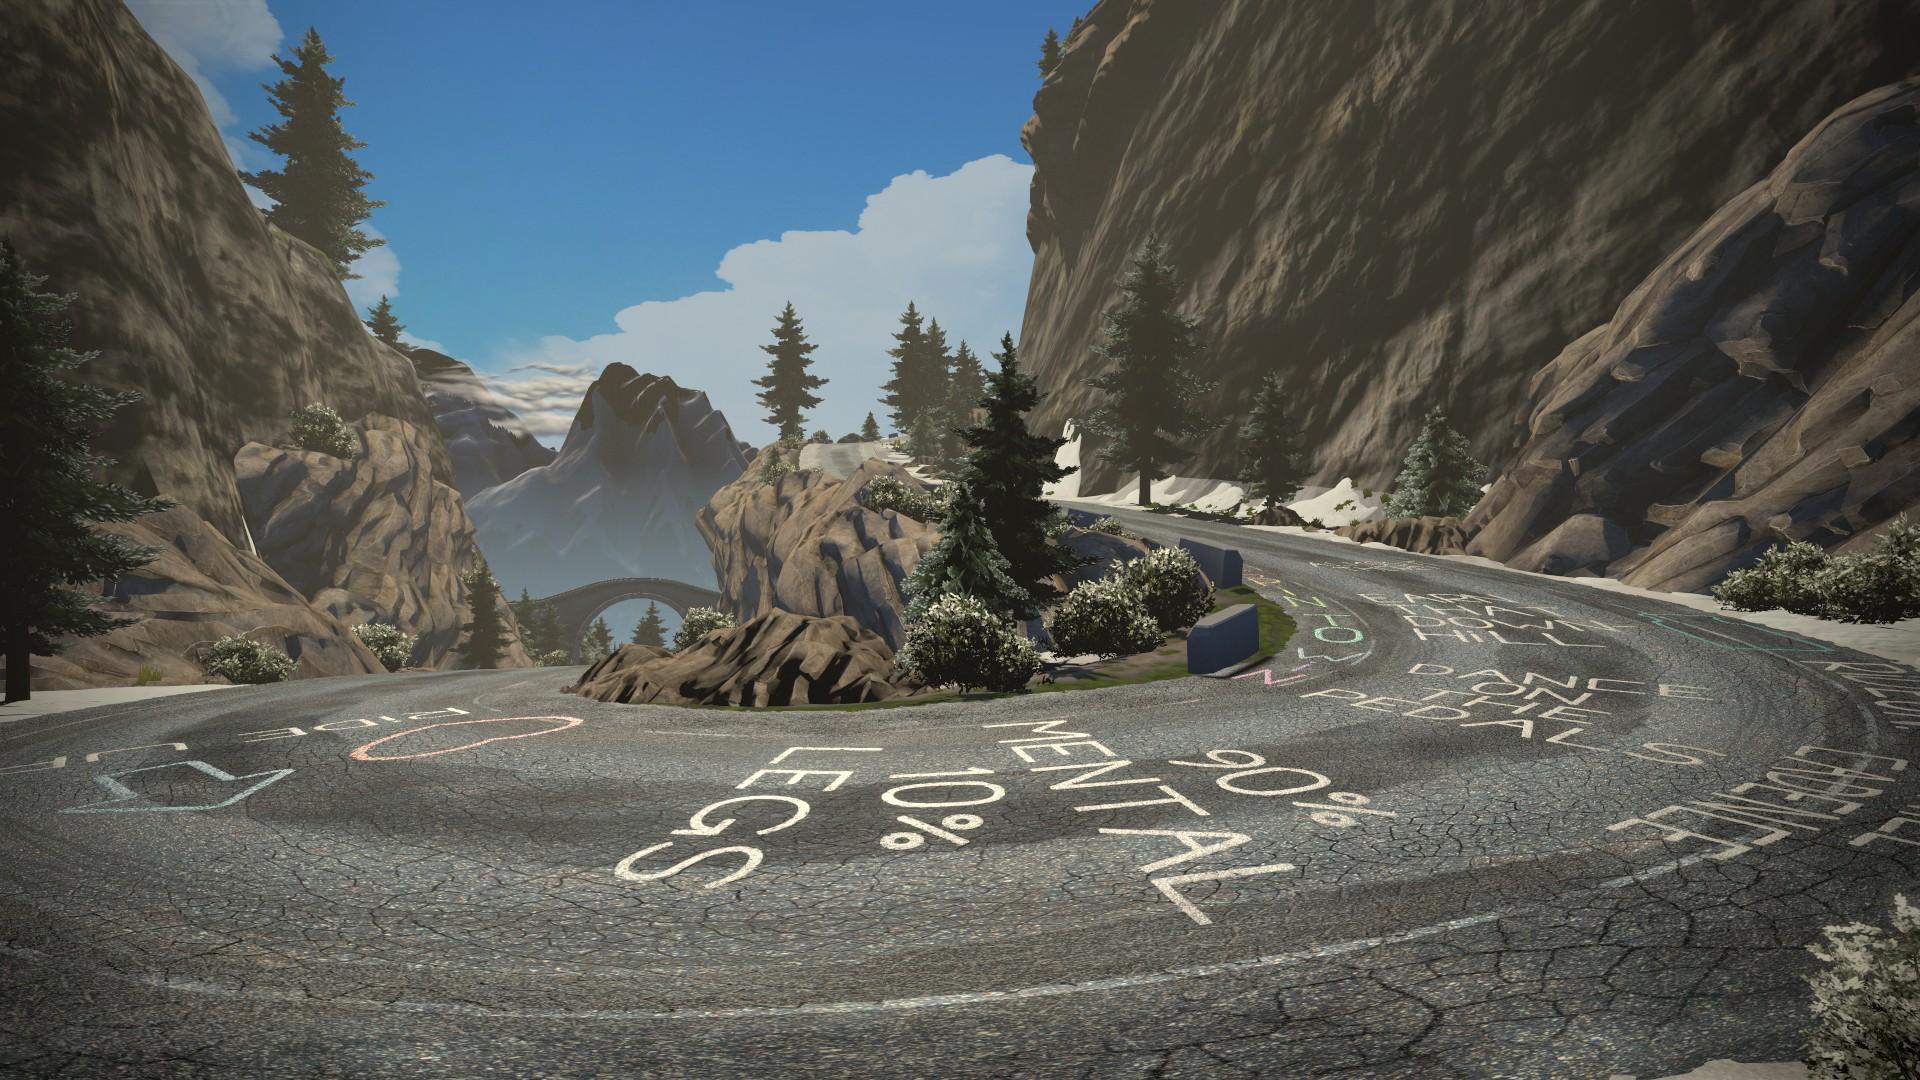 image L'Alpe du Zwift est arrivée !